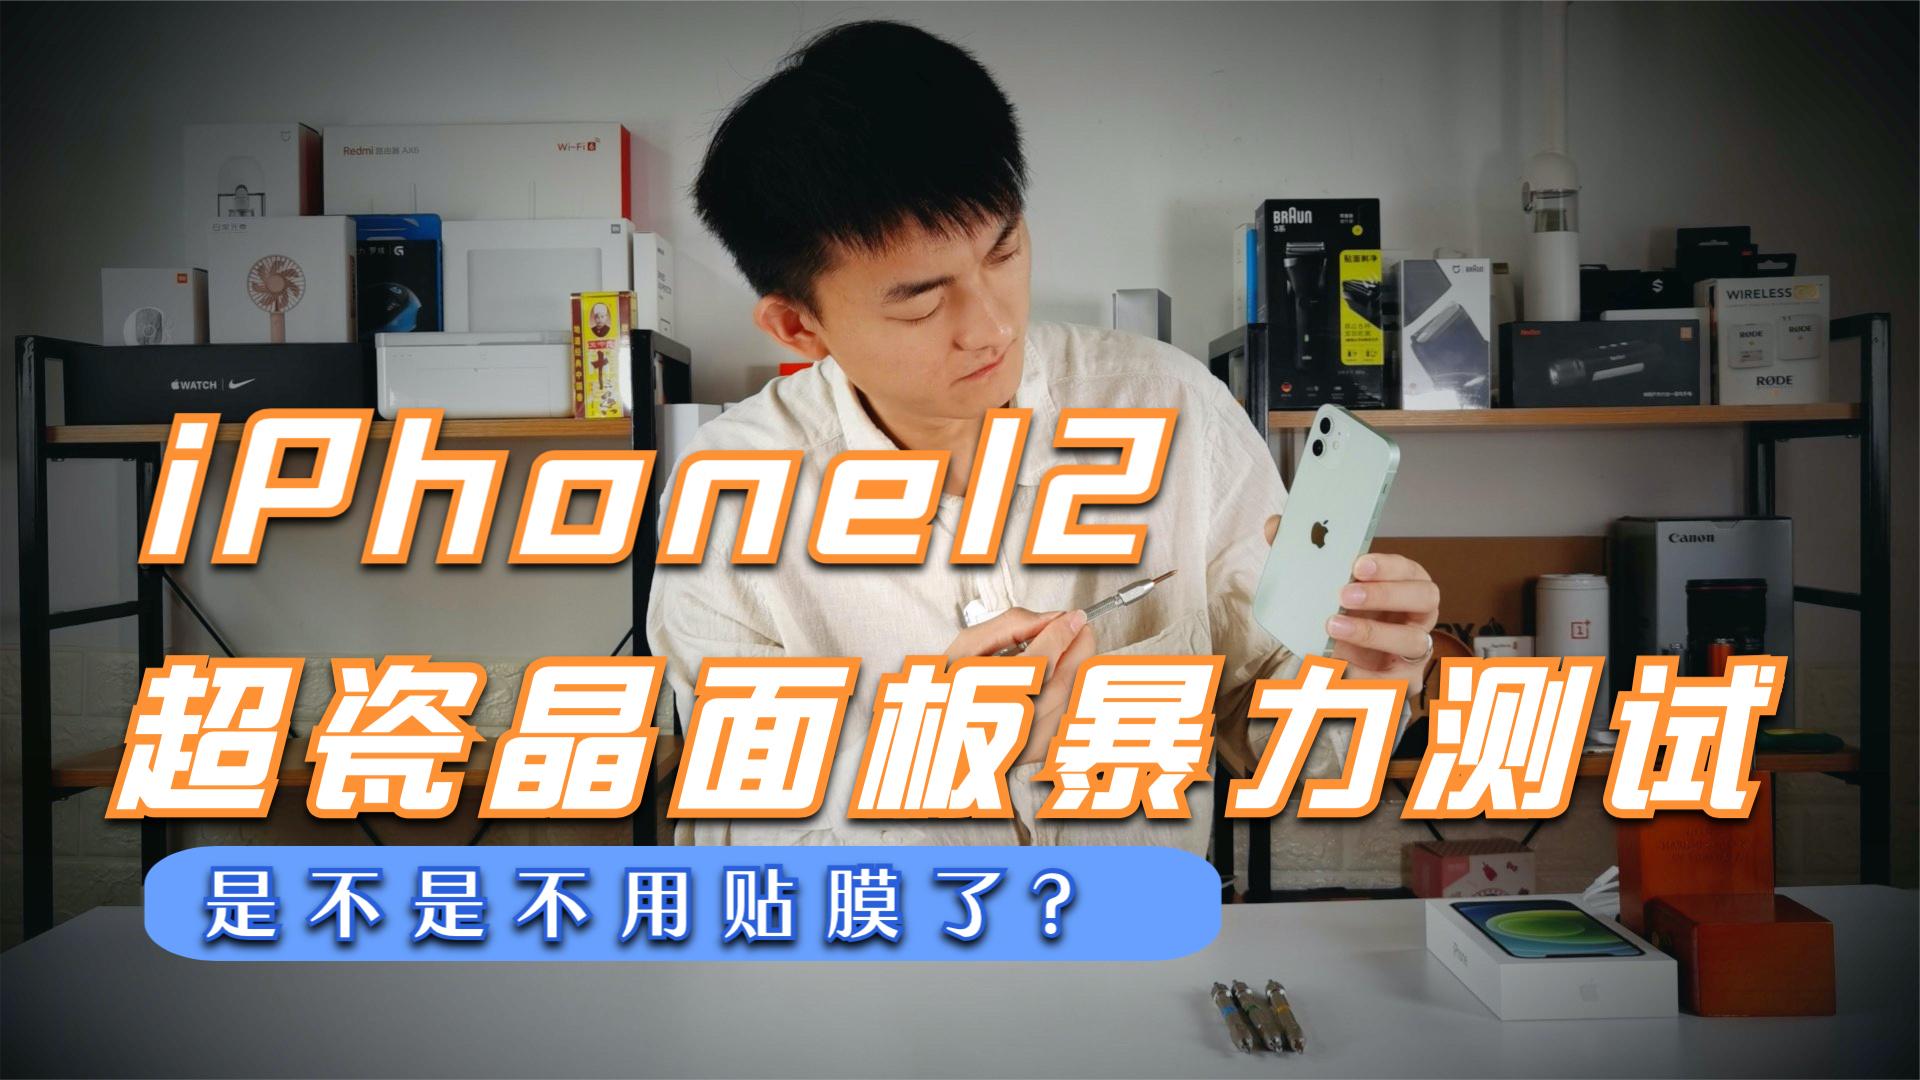 【新评科技】全网首发iPhone12暴力划痕测试,超瓷晶面板以后不用贴膜了?